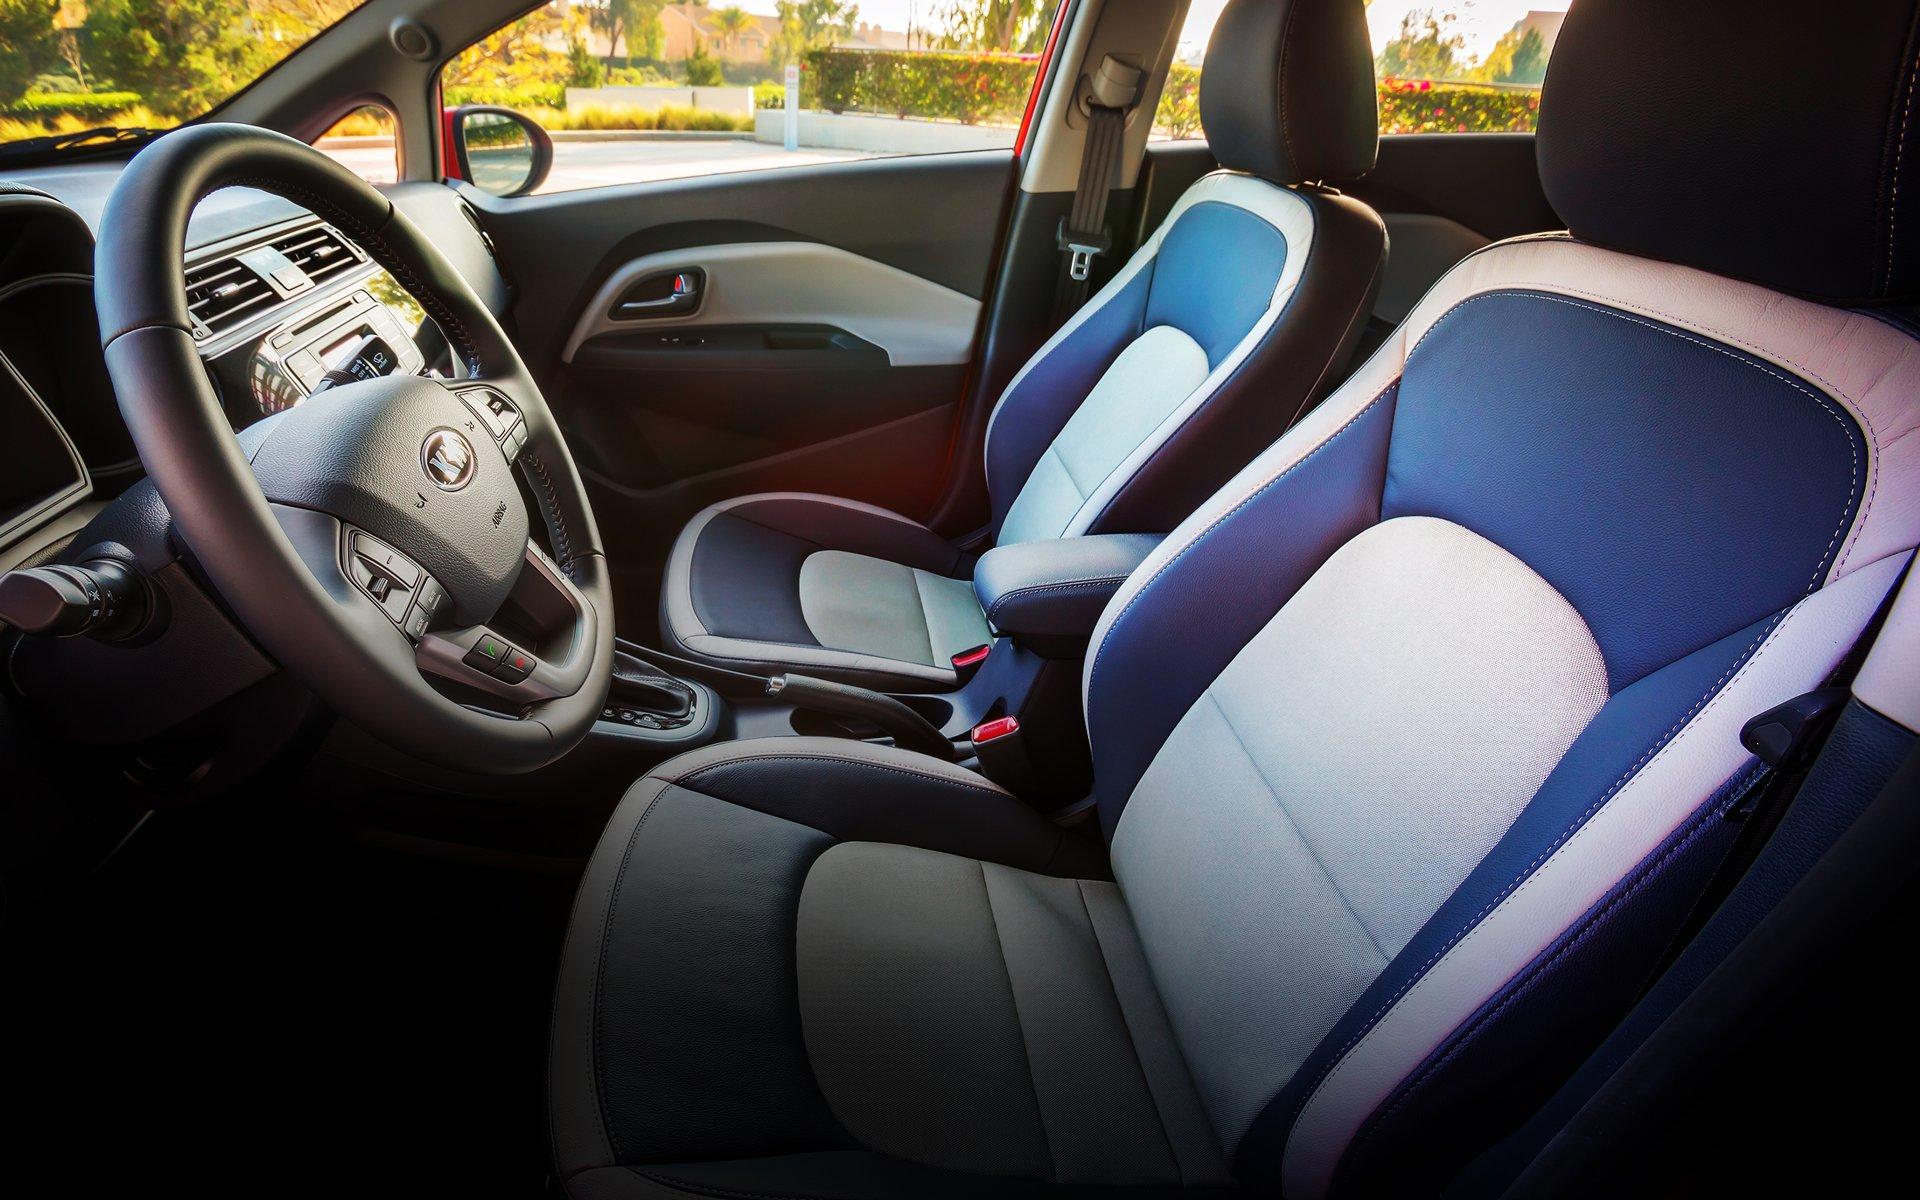 2017 Kia Rio For Sale Near Lakewood Co Peak Littleton Radiator Coolant Interior Of The